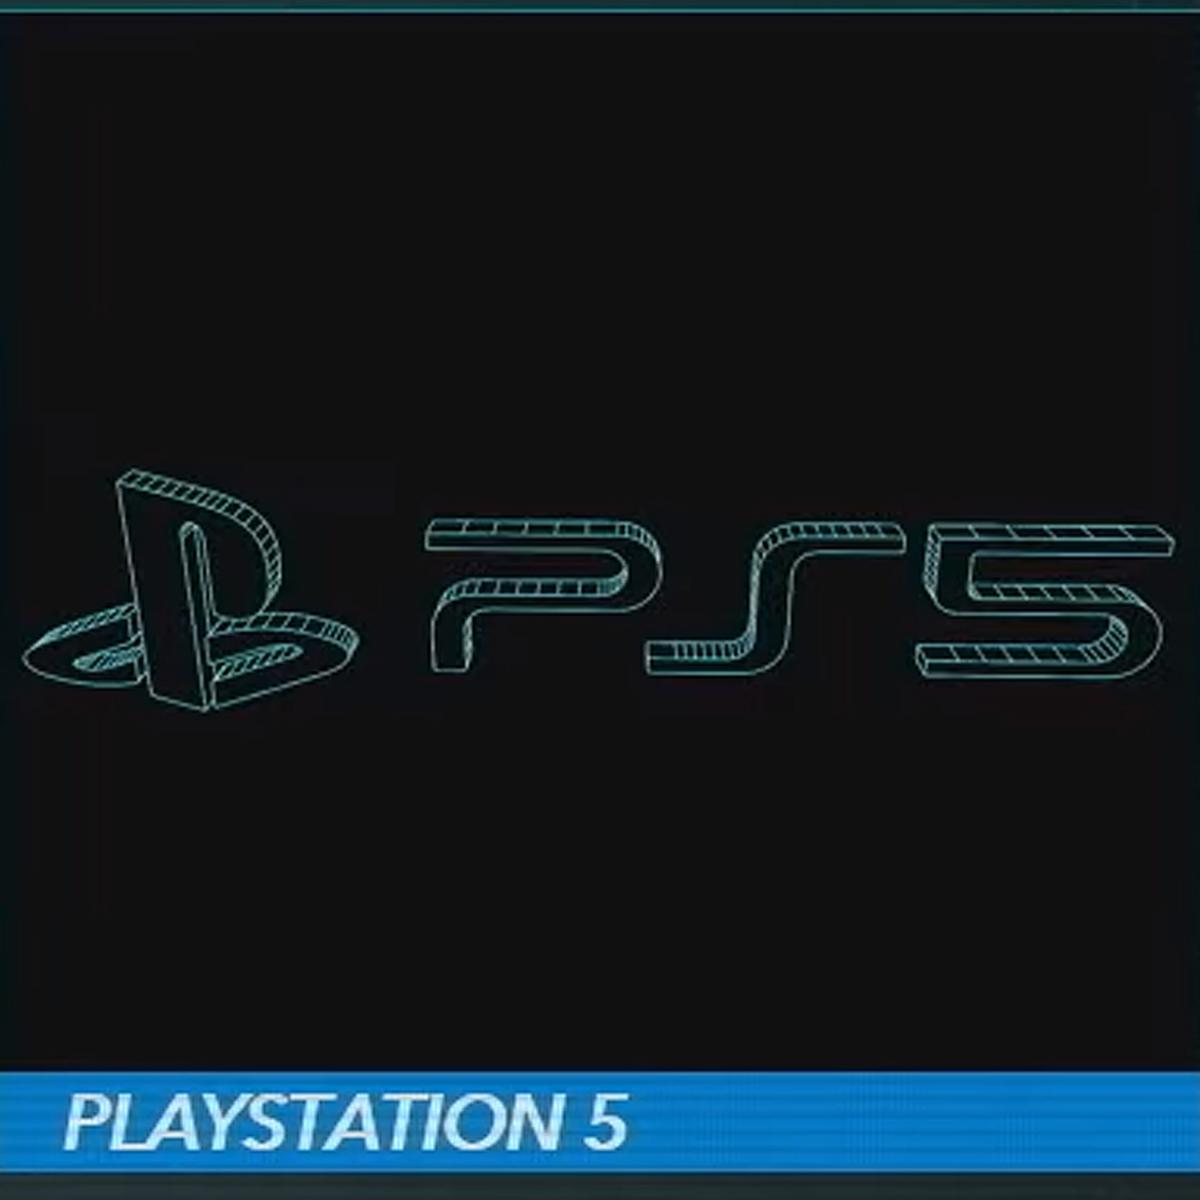 「PlayStation 5」のスペック一部公開。「PS4」と比べて性能はどれくらい向上したのか